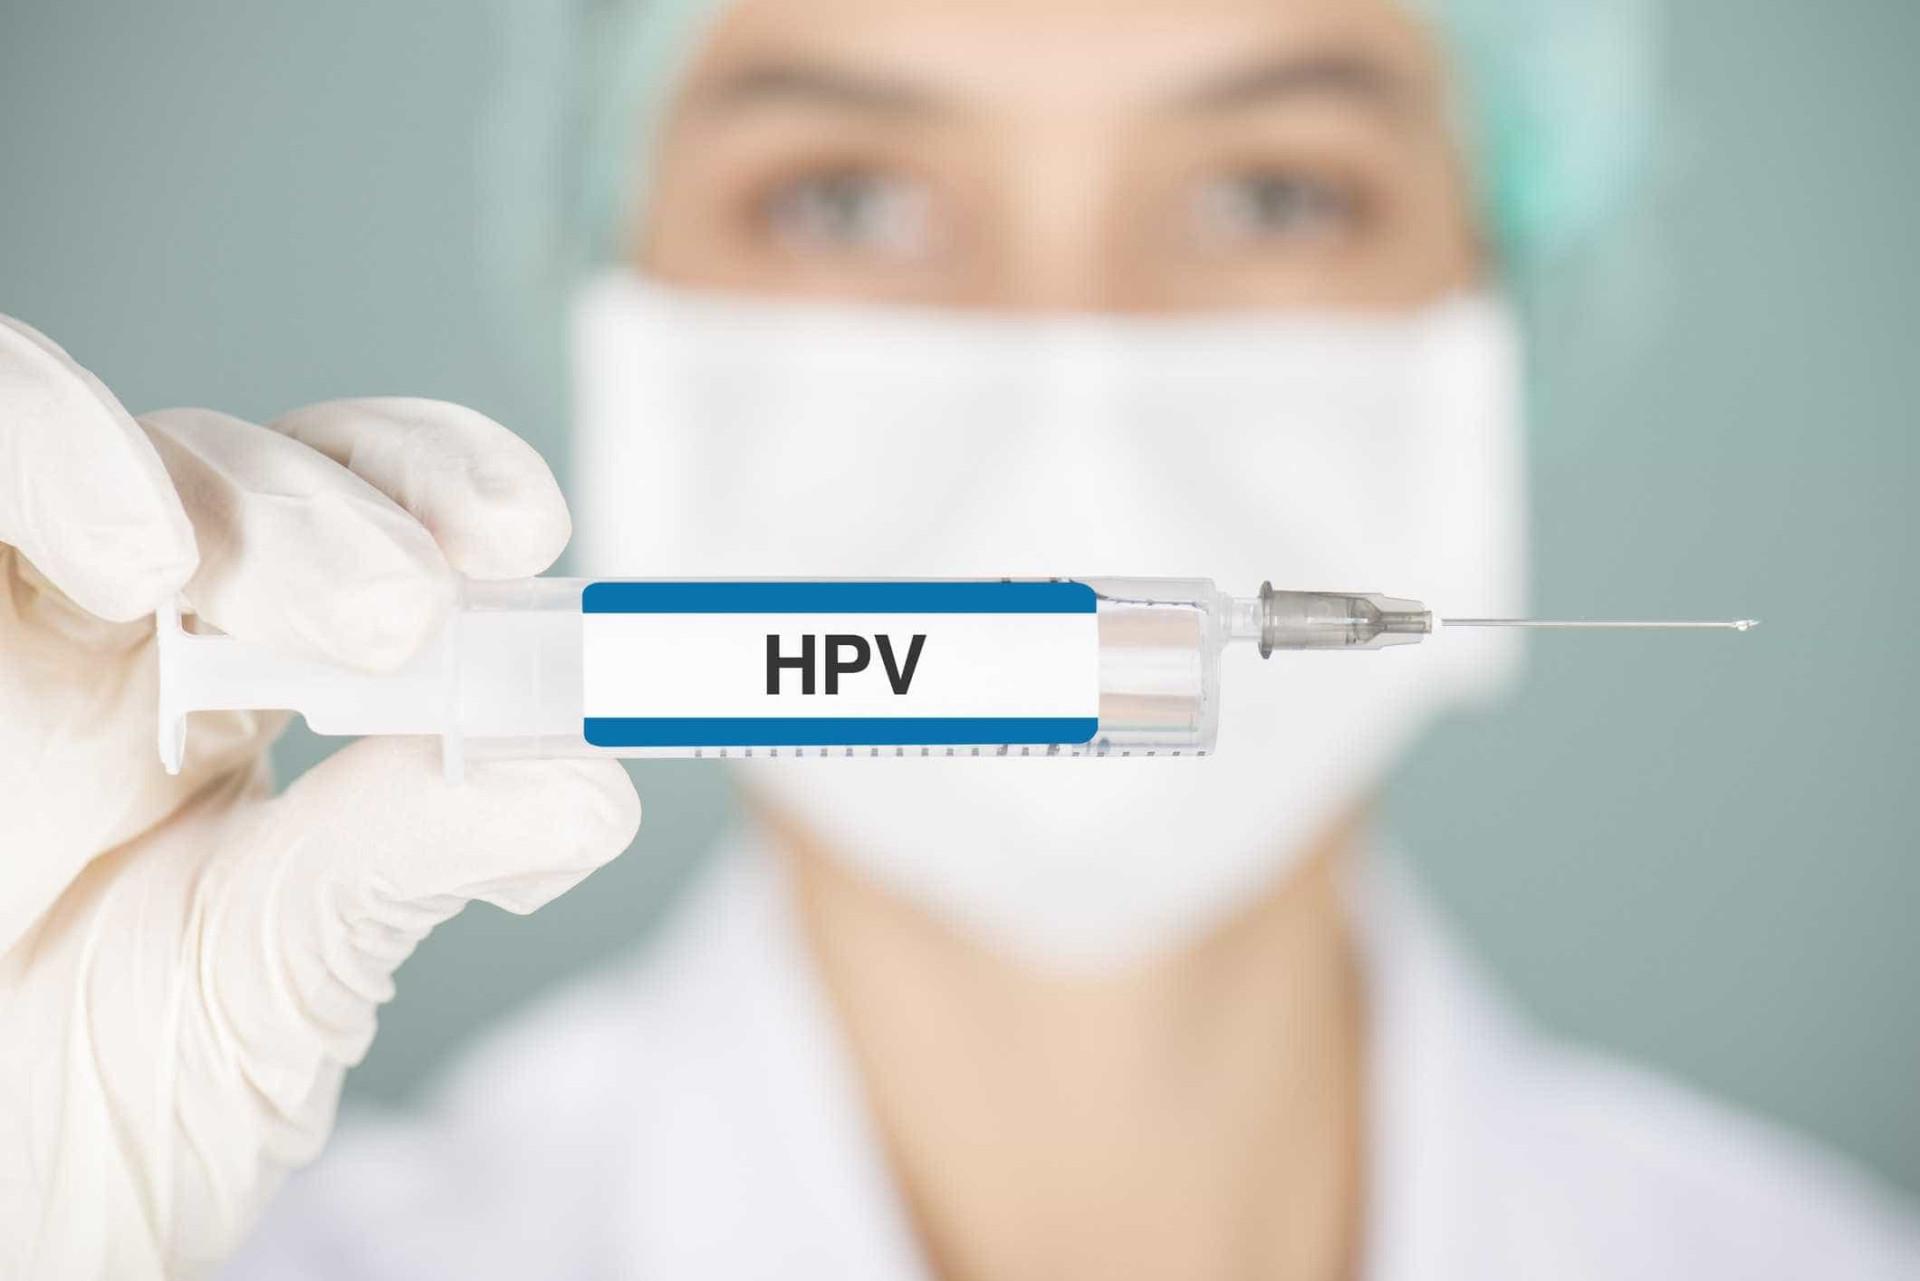 Saiba mais sobre o HPV e os seus tratamentos